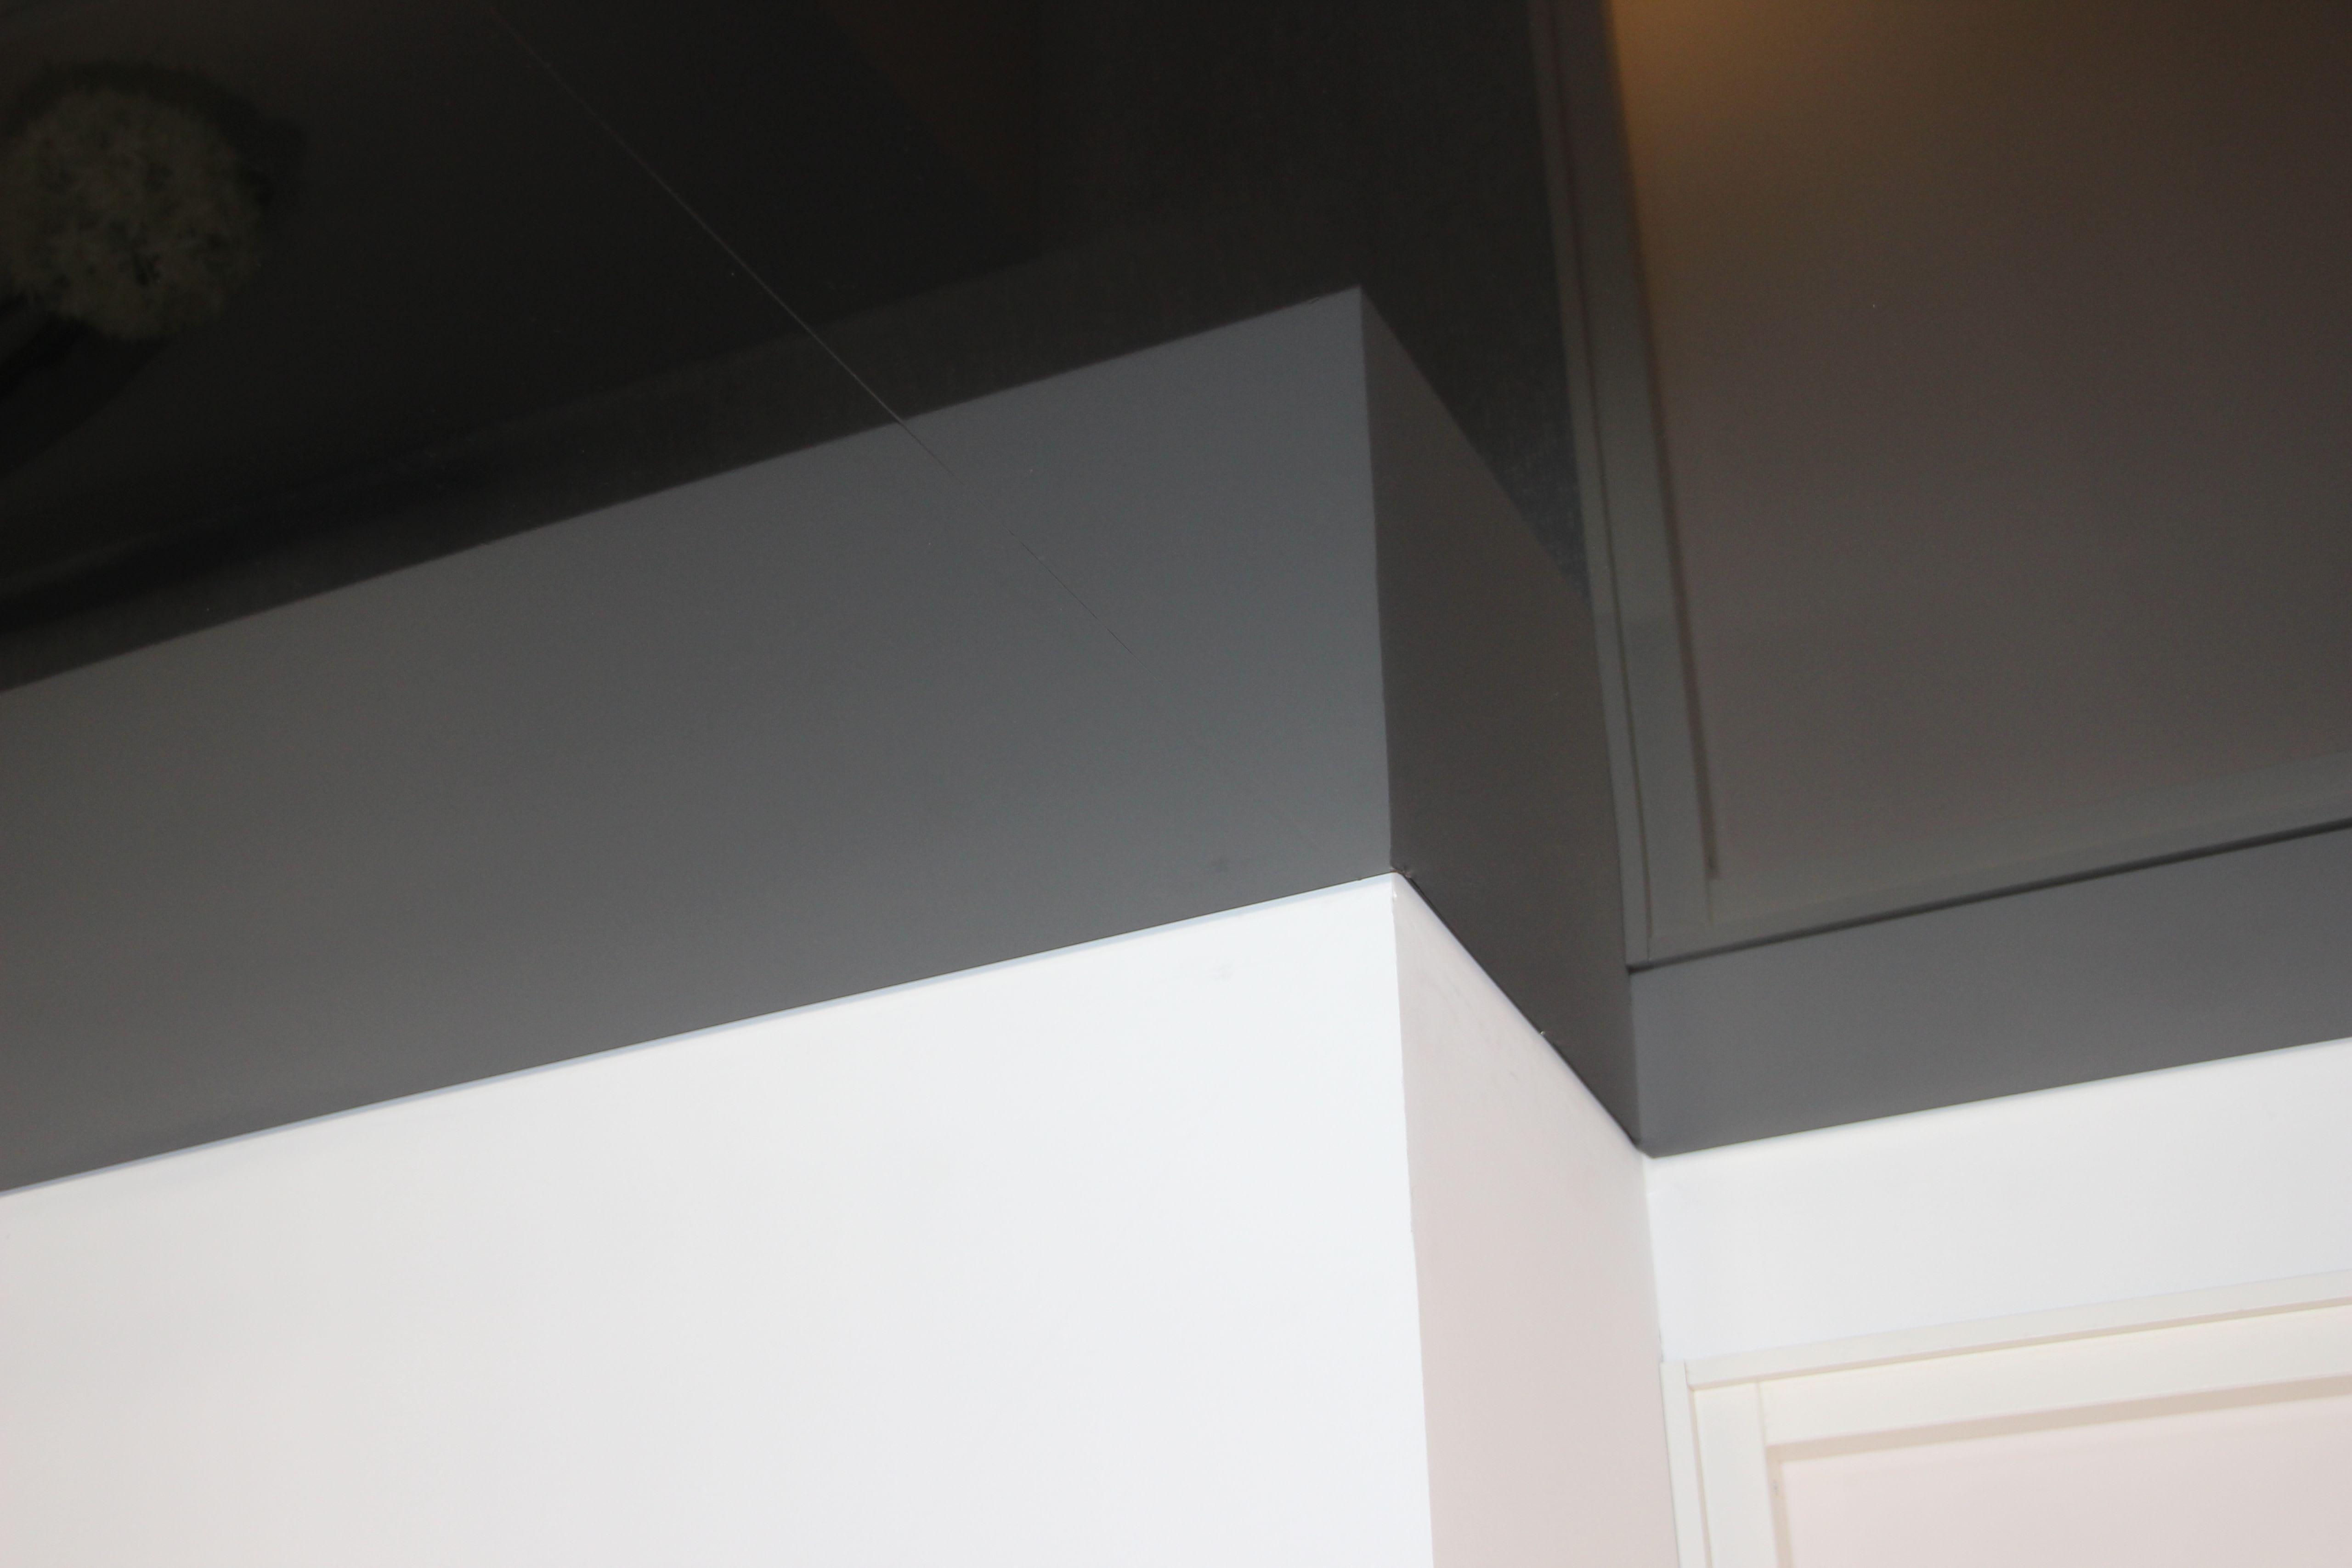 Galerie Ausstellungsräume graue hochglanz Spanndecke Ecke 4